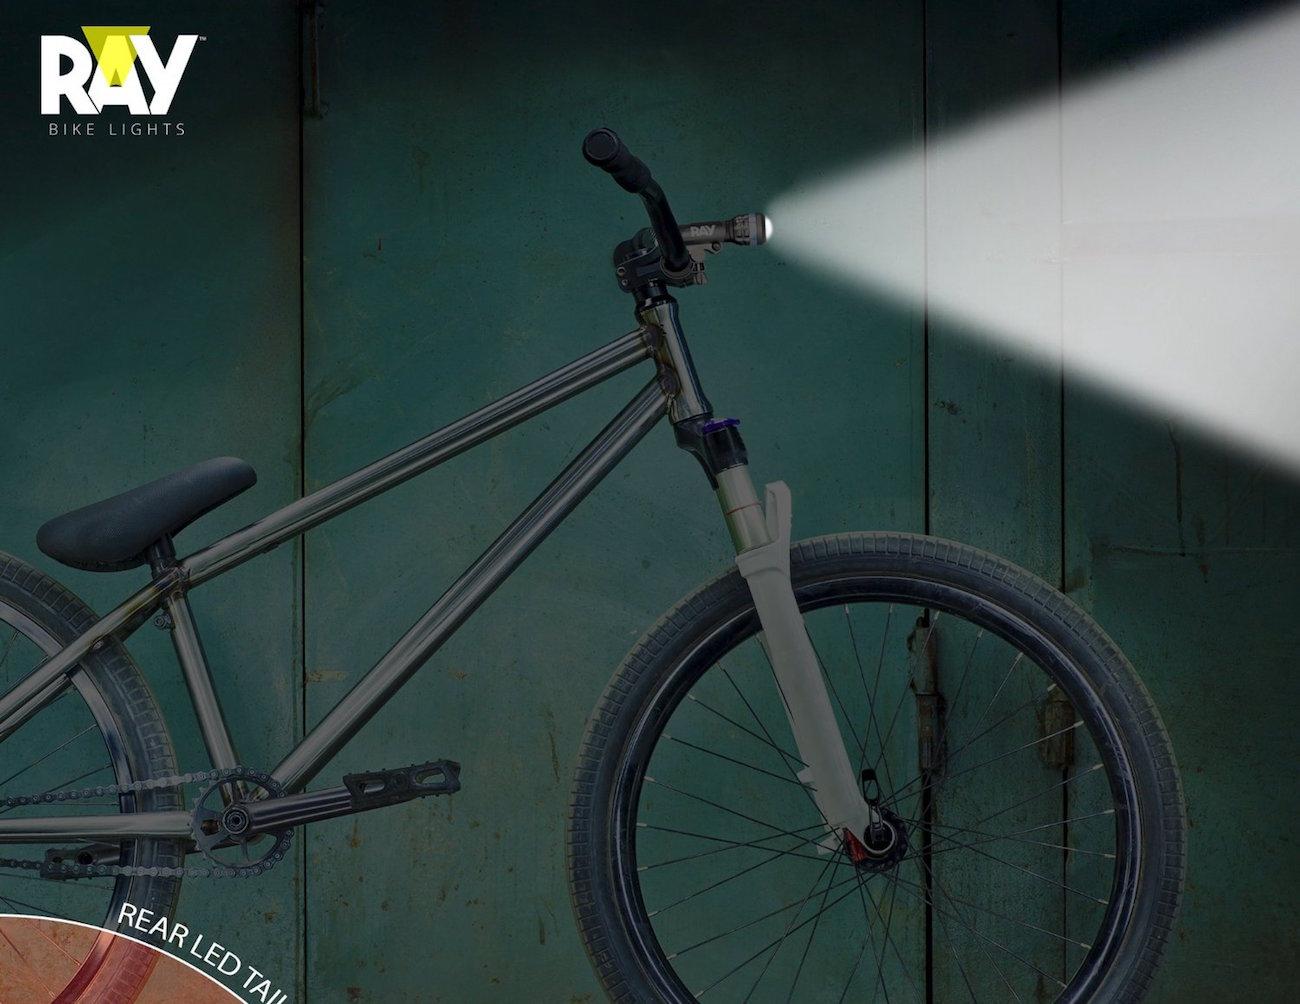 RAY+Ultra+LED+Bike+Light+Combo+Kit